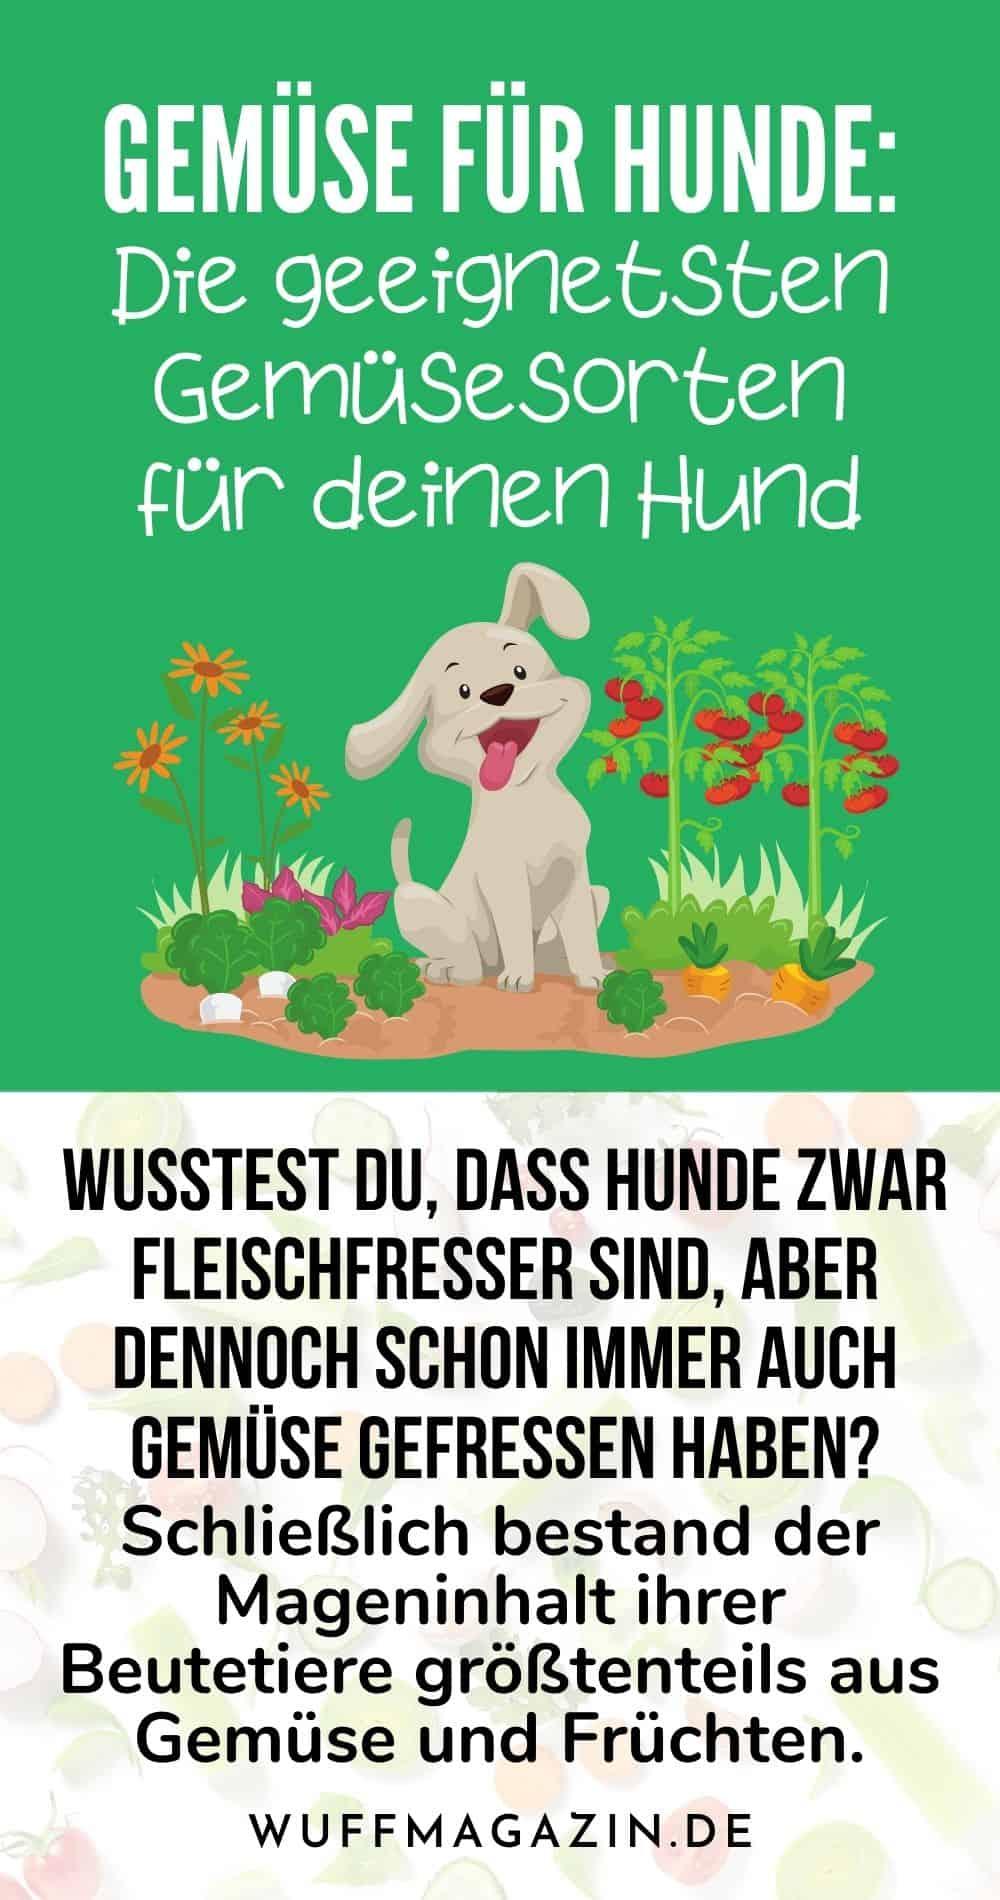 Gemüse Für Hunde Die Geeignetsten Gemüsesorten Für Deinen Hund